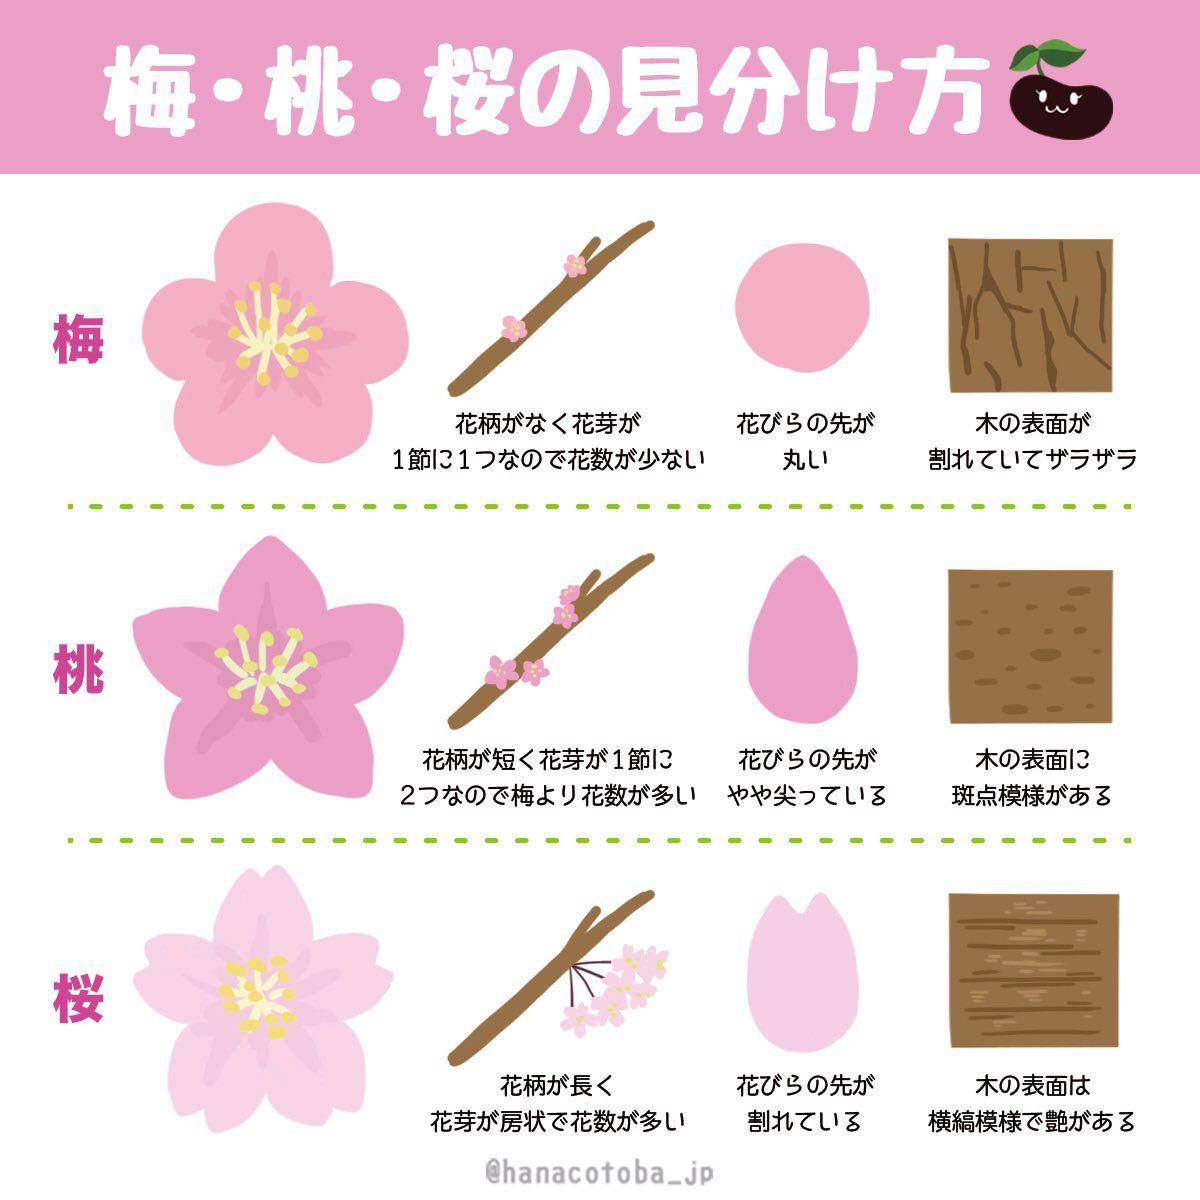 桜 違い 梅 梅・桃・桜の違いは?一目で簡単に見分ける方法!|YAKUDATIサイクル